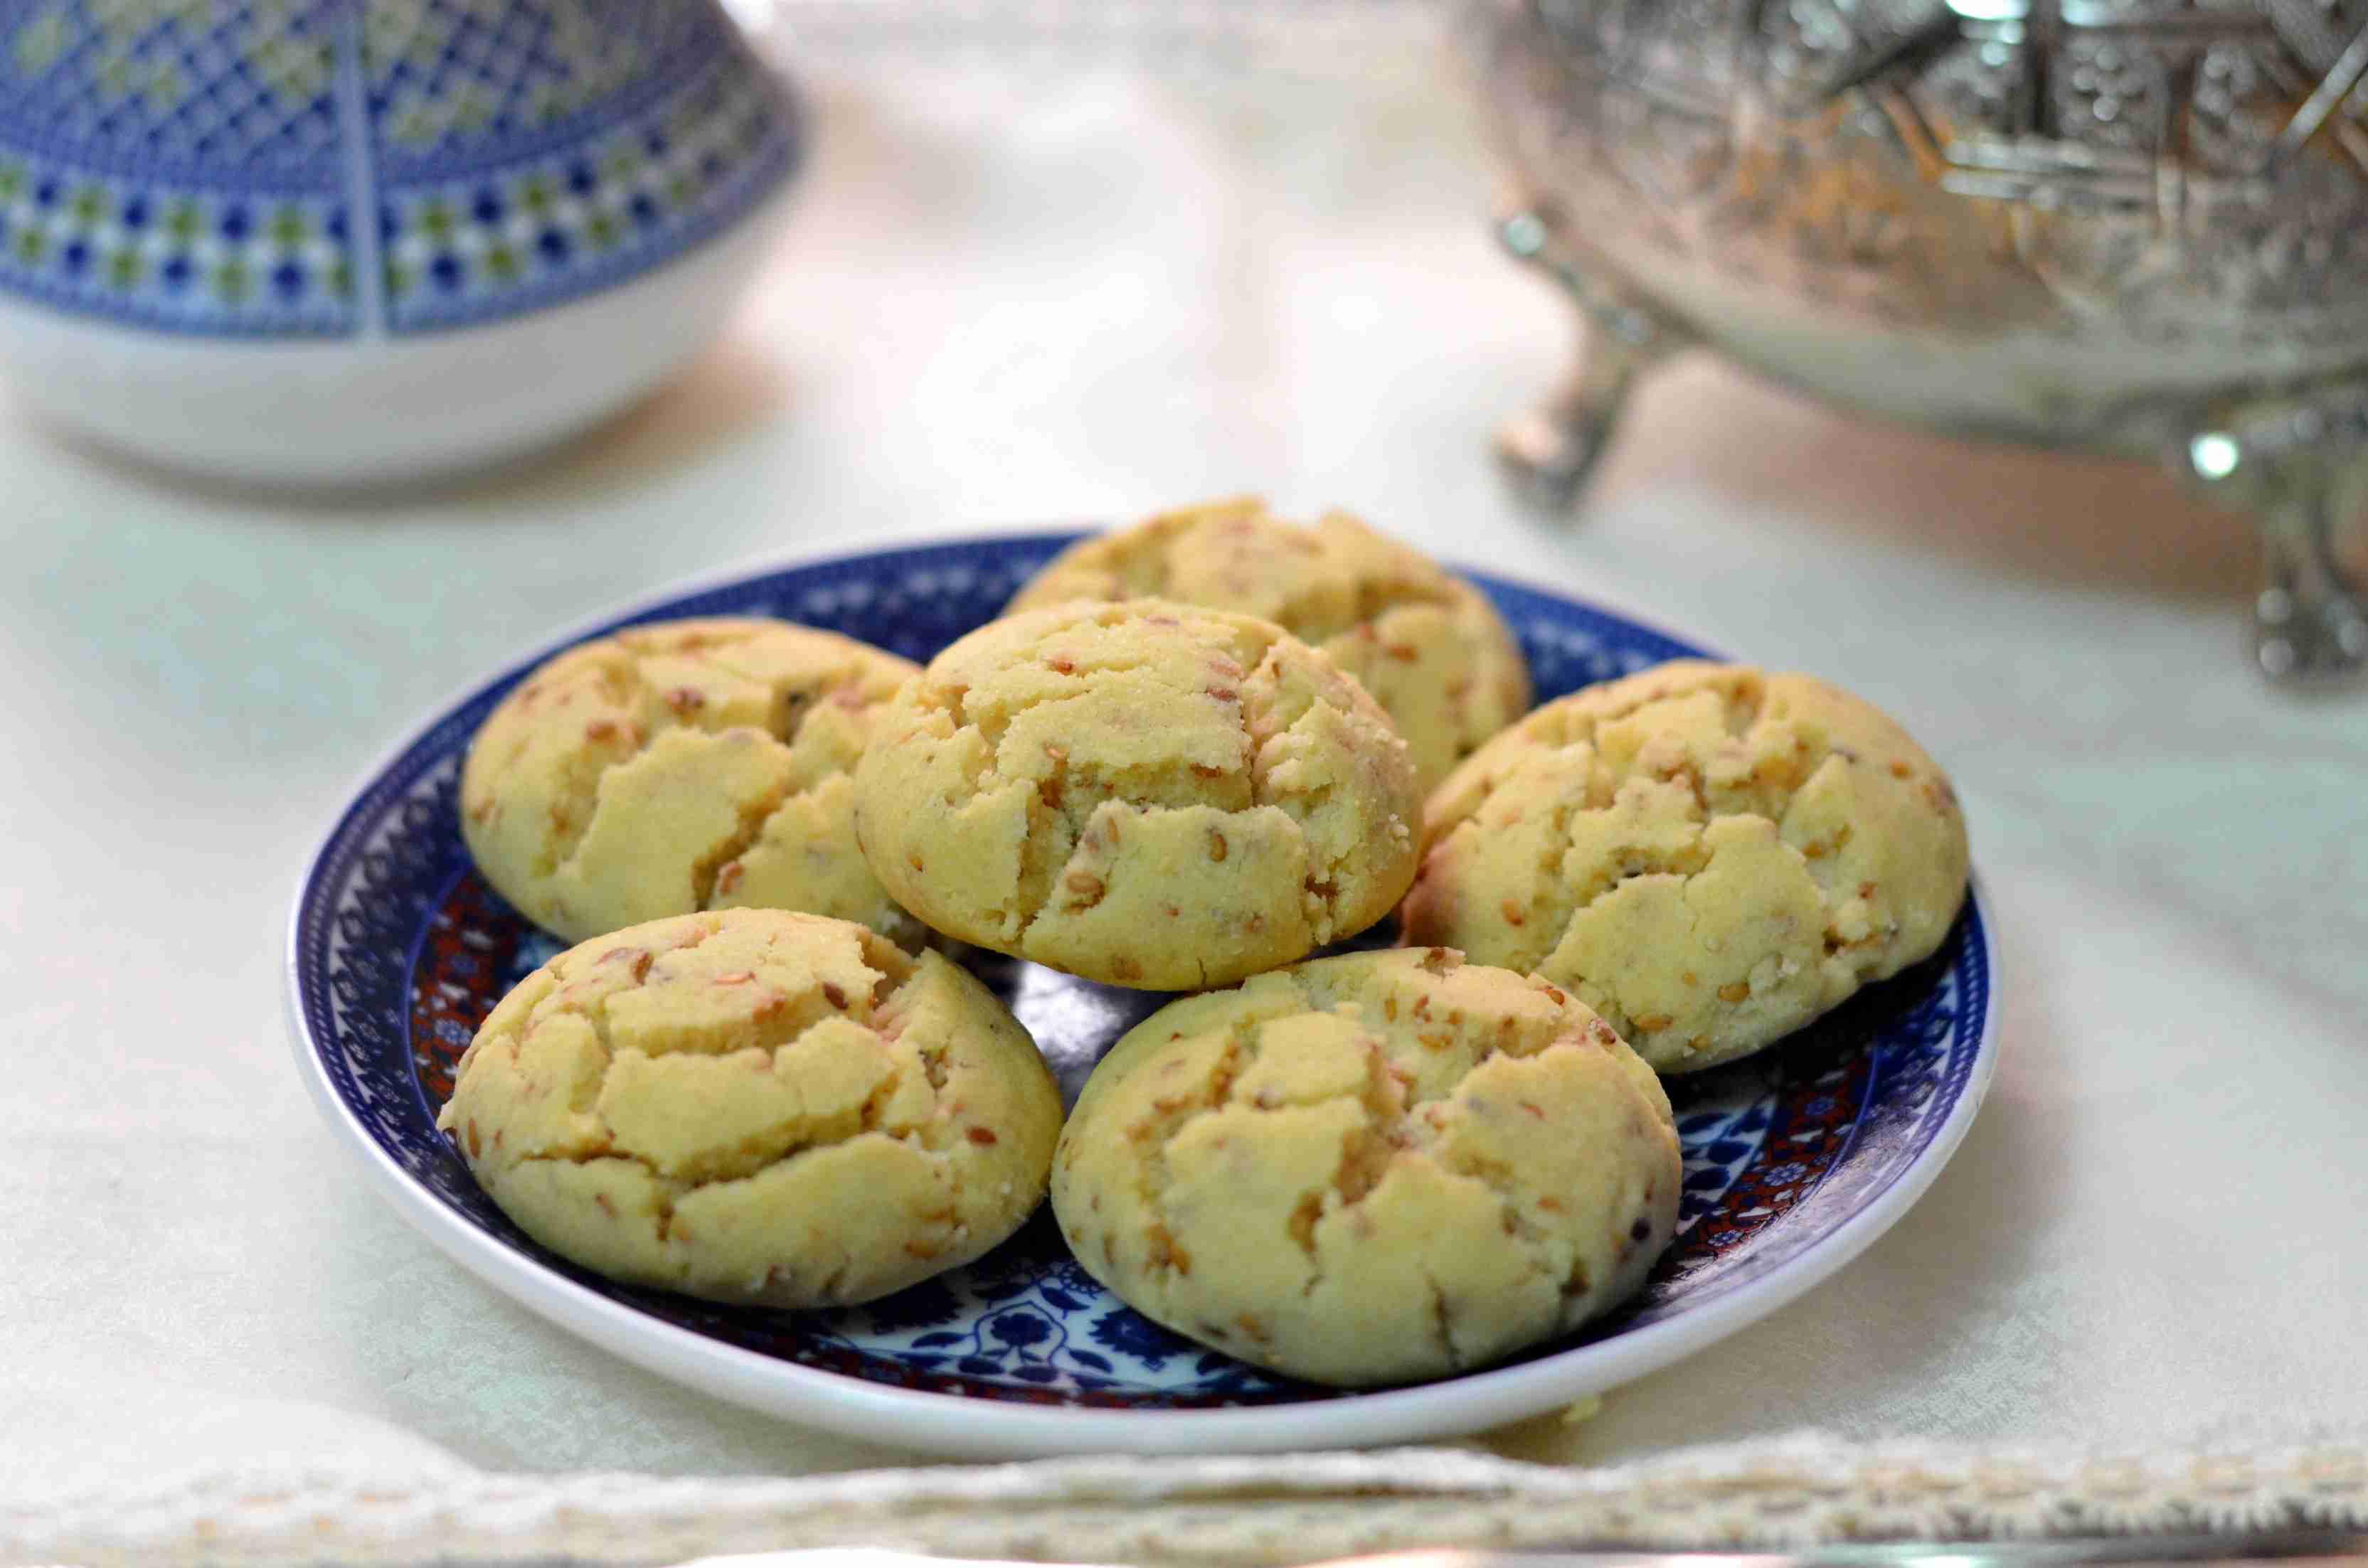 Moroccan shortbread cookies